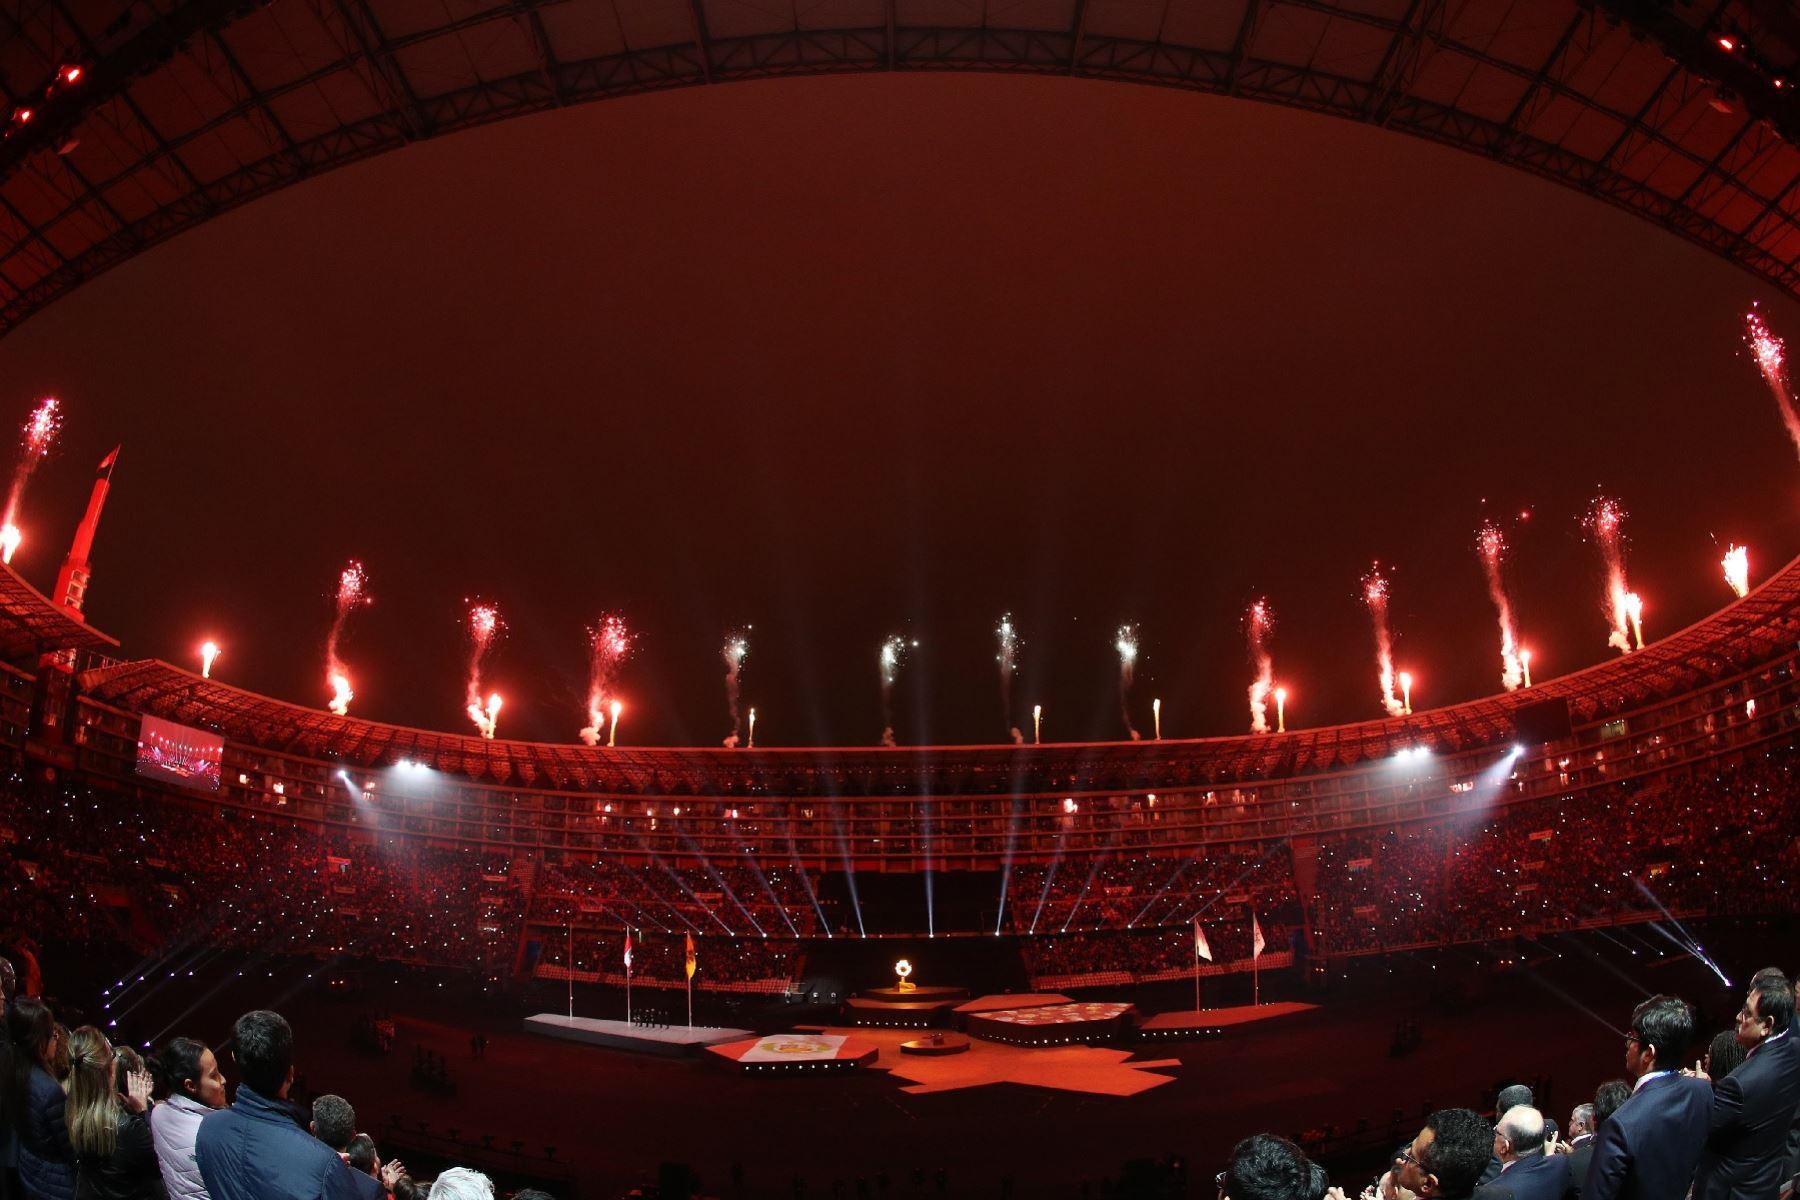 Los Juegos Panamericanos llegan este domingo a su fin con una fiesta interminable. Foto: Twitter/@BalichWS